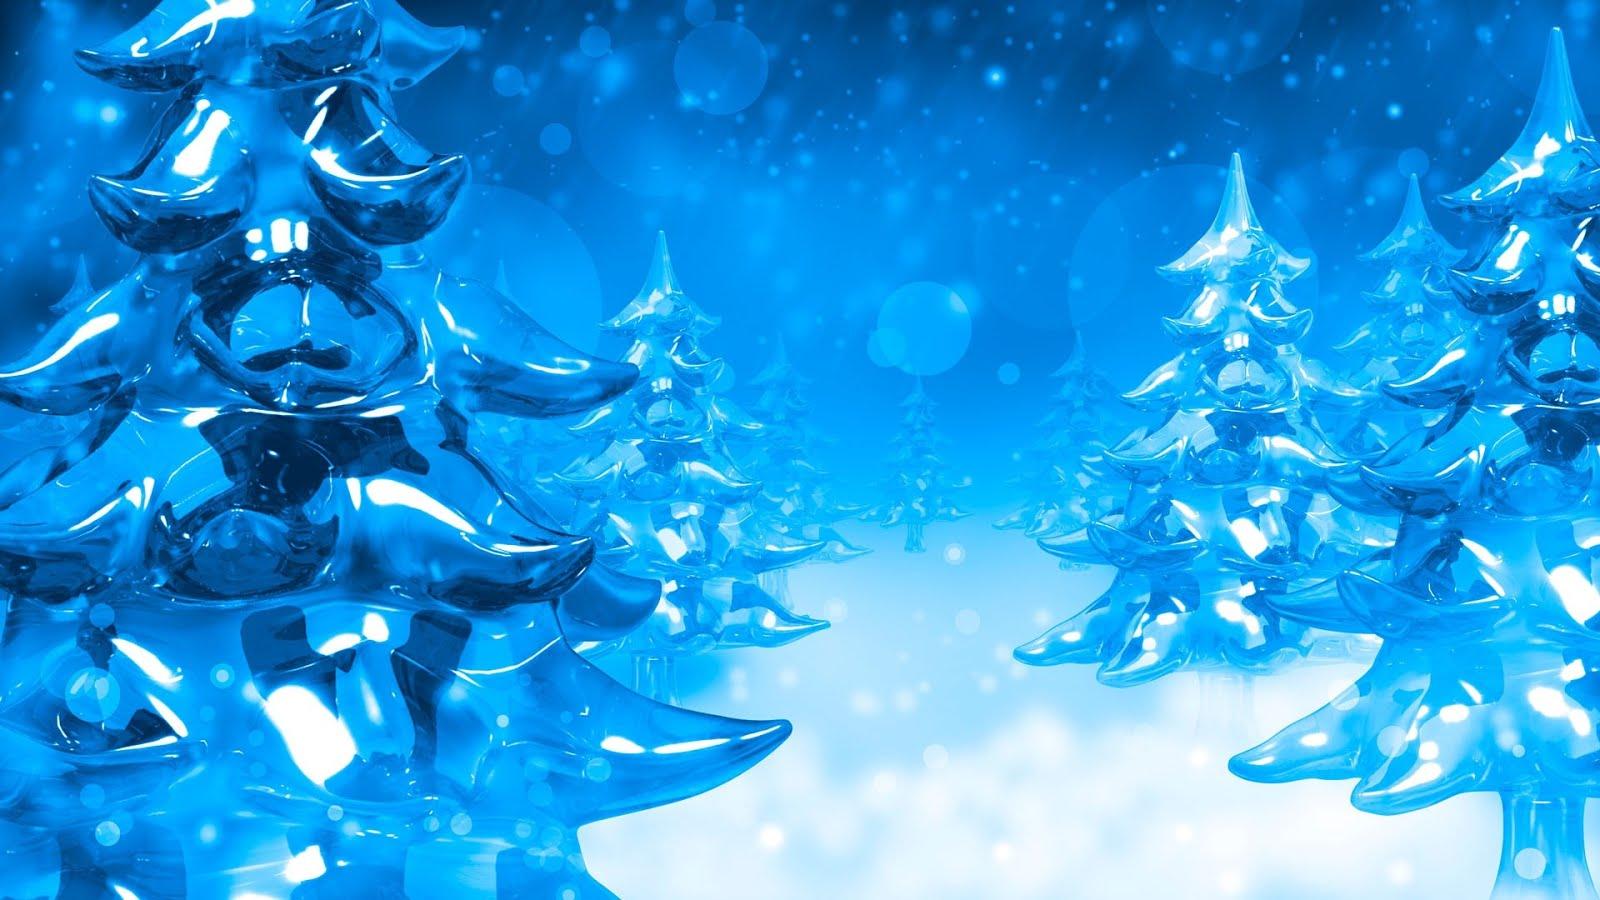 besplatne čestitke za božić plava bozicna drvca download besplatne pozadine za desktop 1920 x  besplatne čestitke za božić